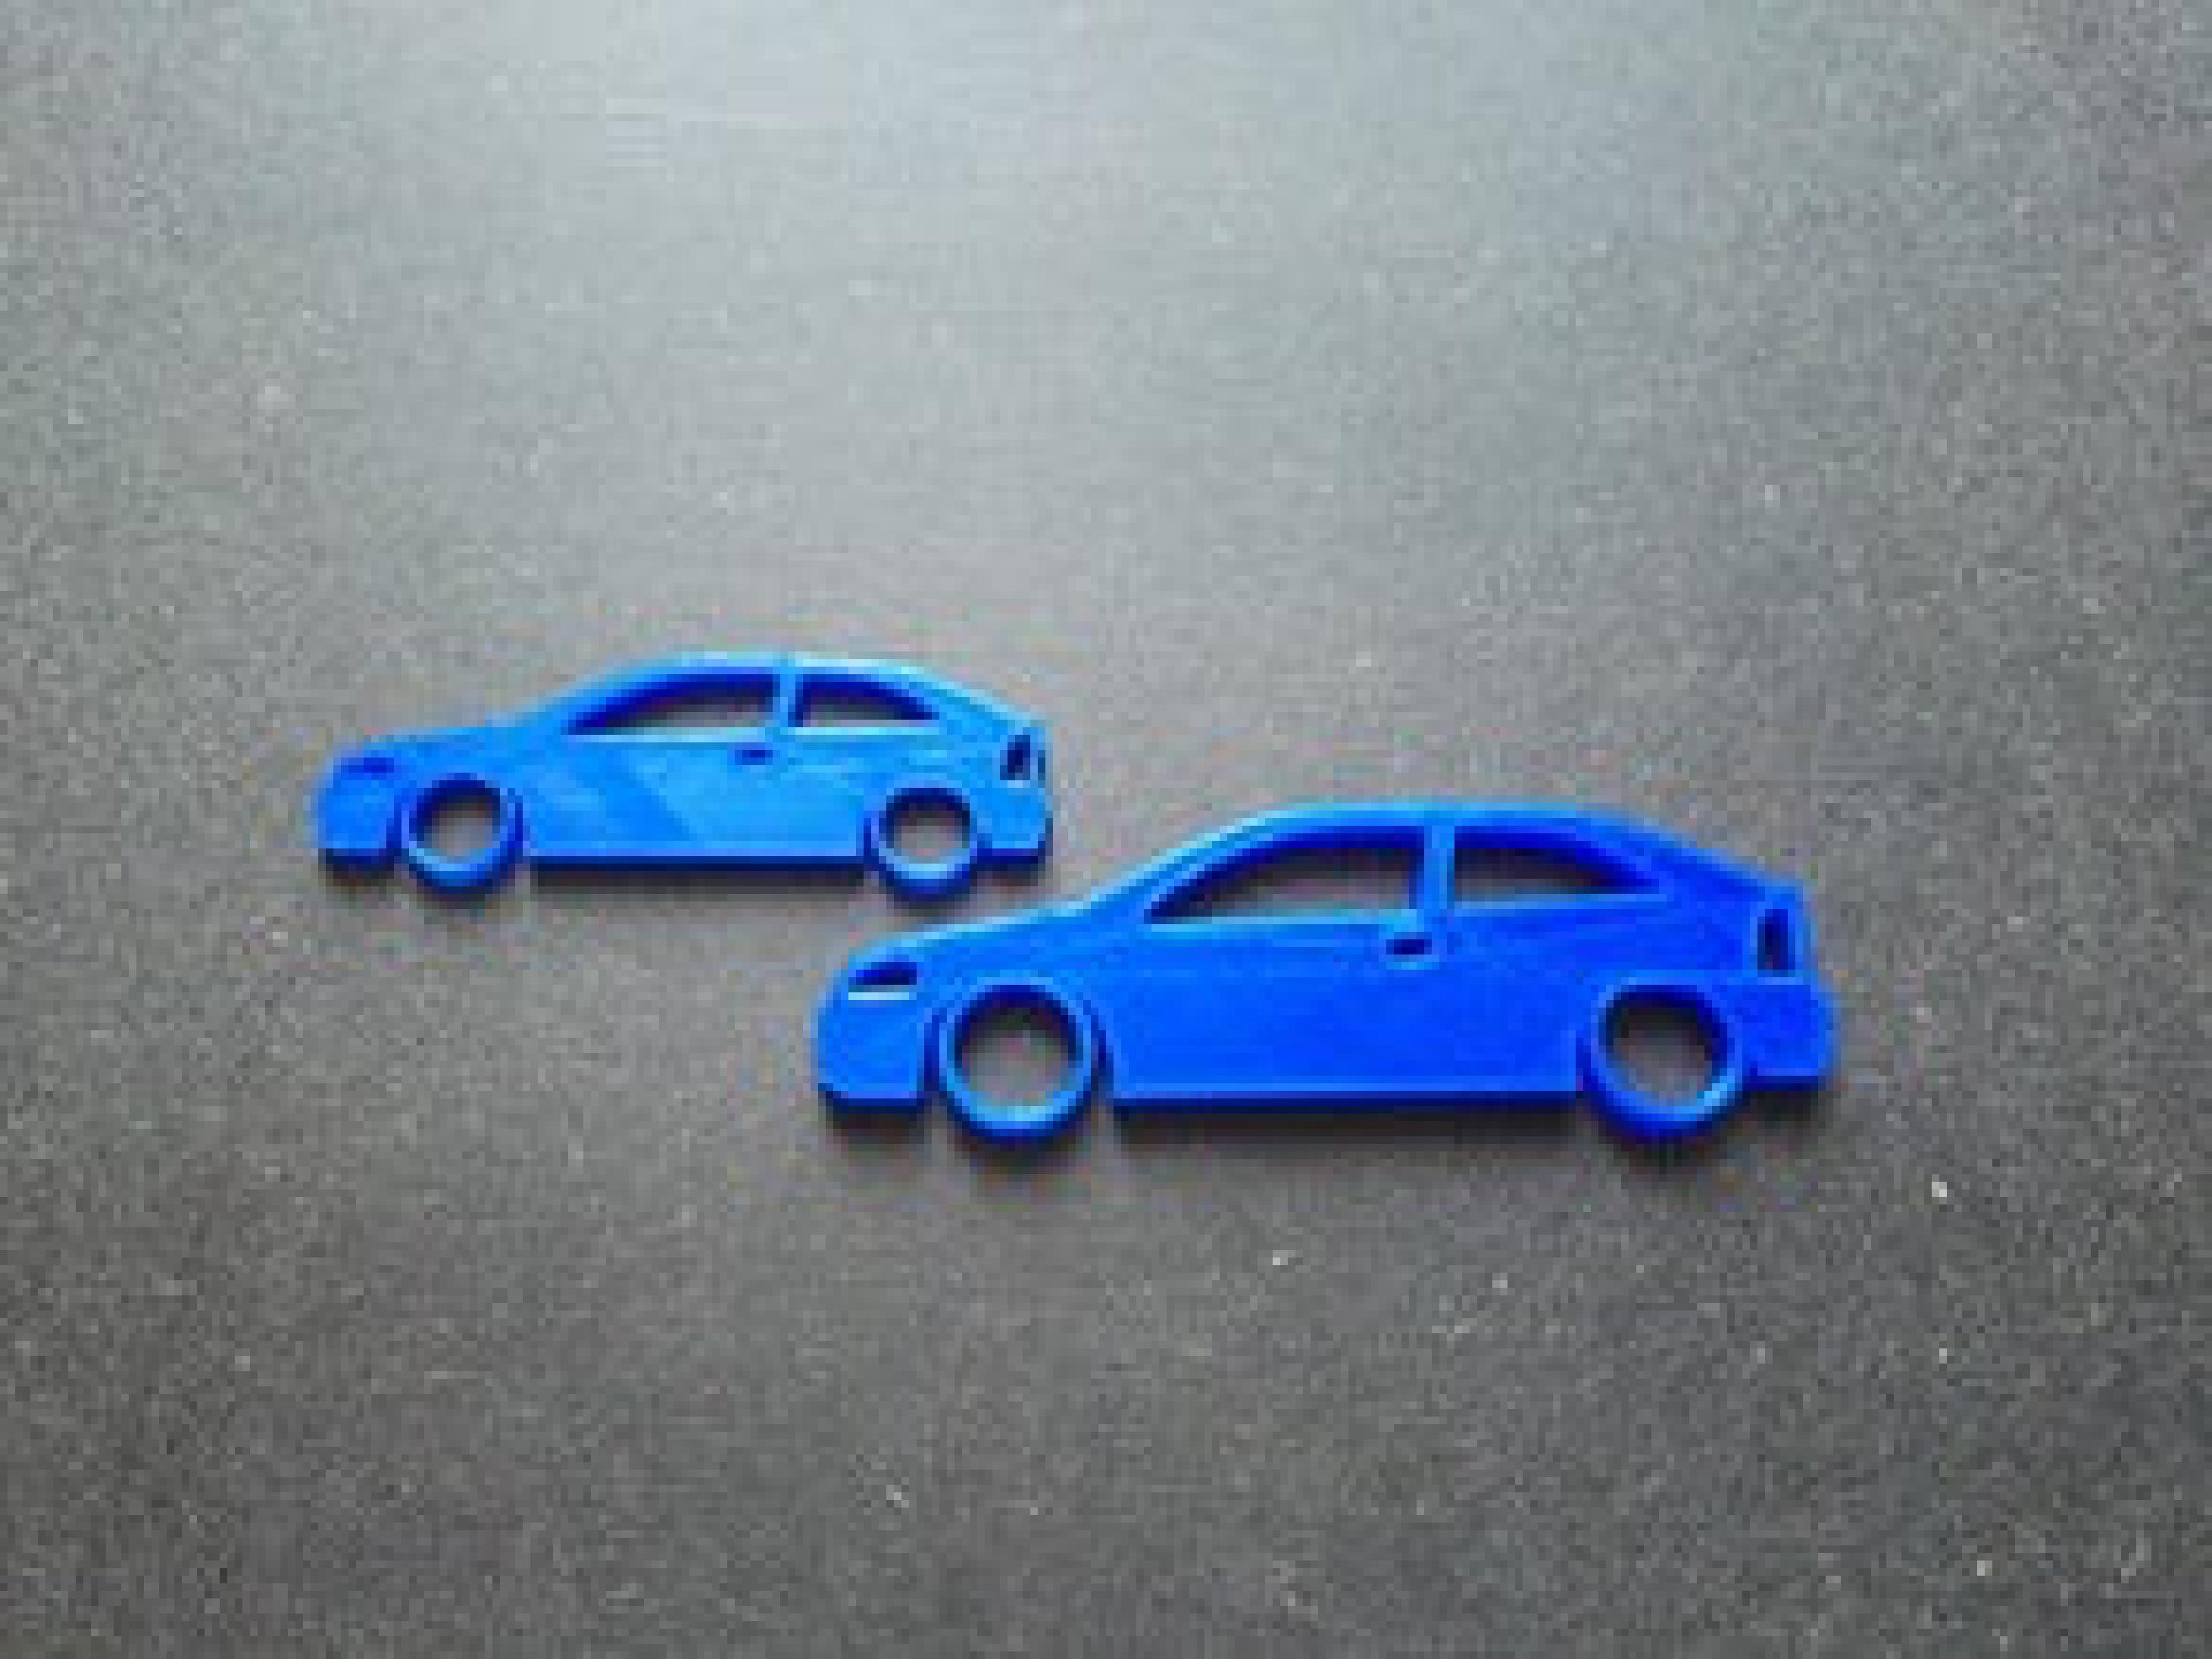 Opel Vauxhall Astra G CC Anahtarlık  Dekoratif Süs Eşyası